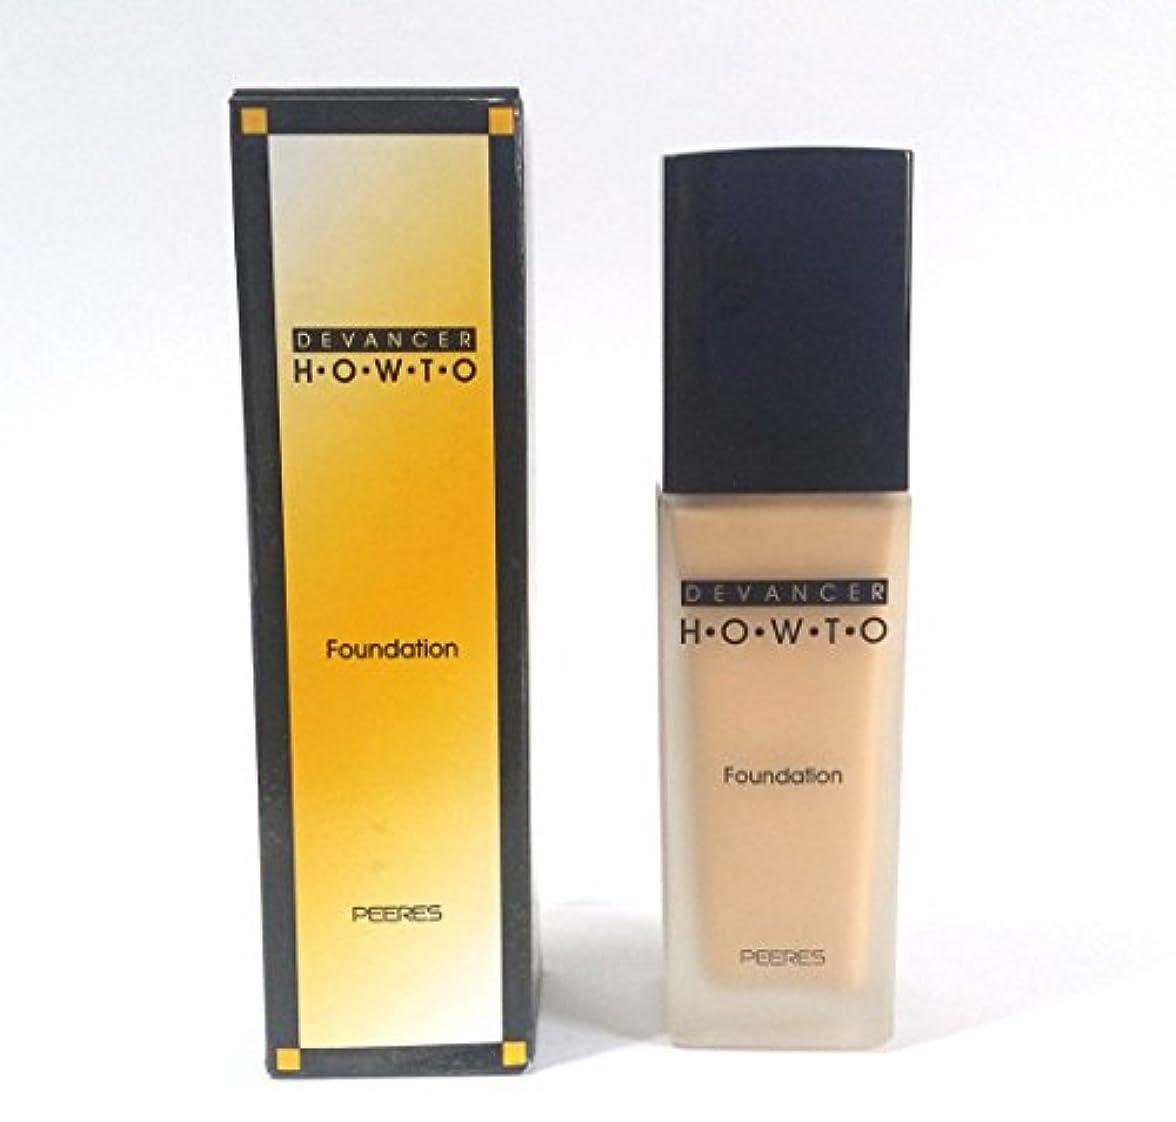 壮大乱用トレイル[Devancer] ファンデーション#21ライトベージュ45g / 韓国化粧品 / Foundation #21 Light Beige 45g / Korea Cosmetics [並行輸入品]